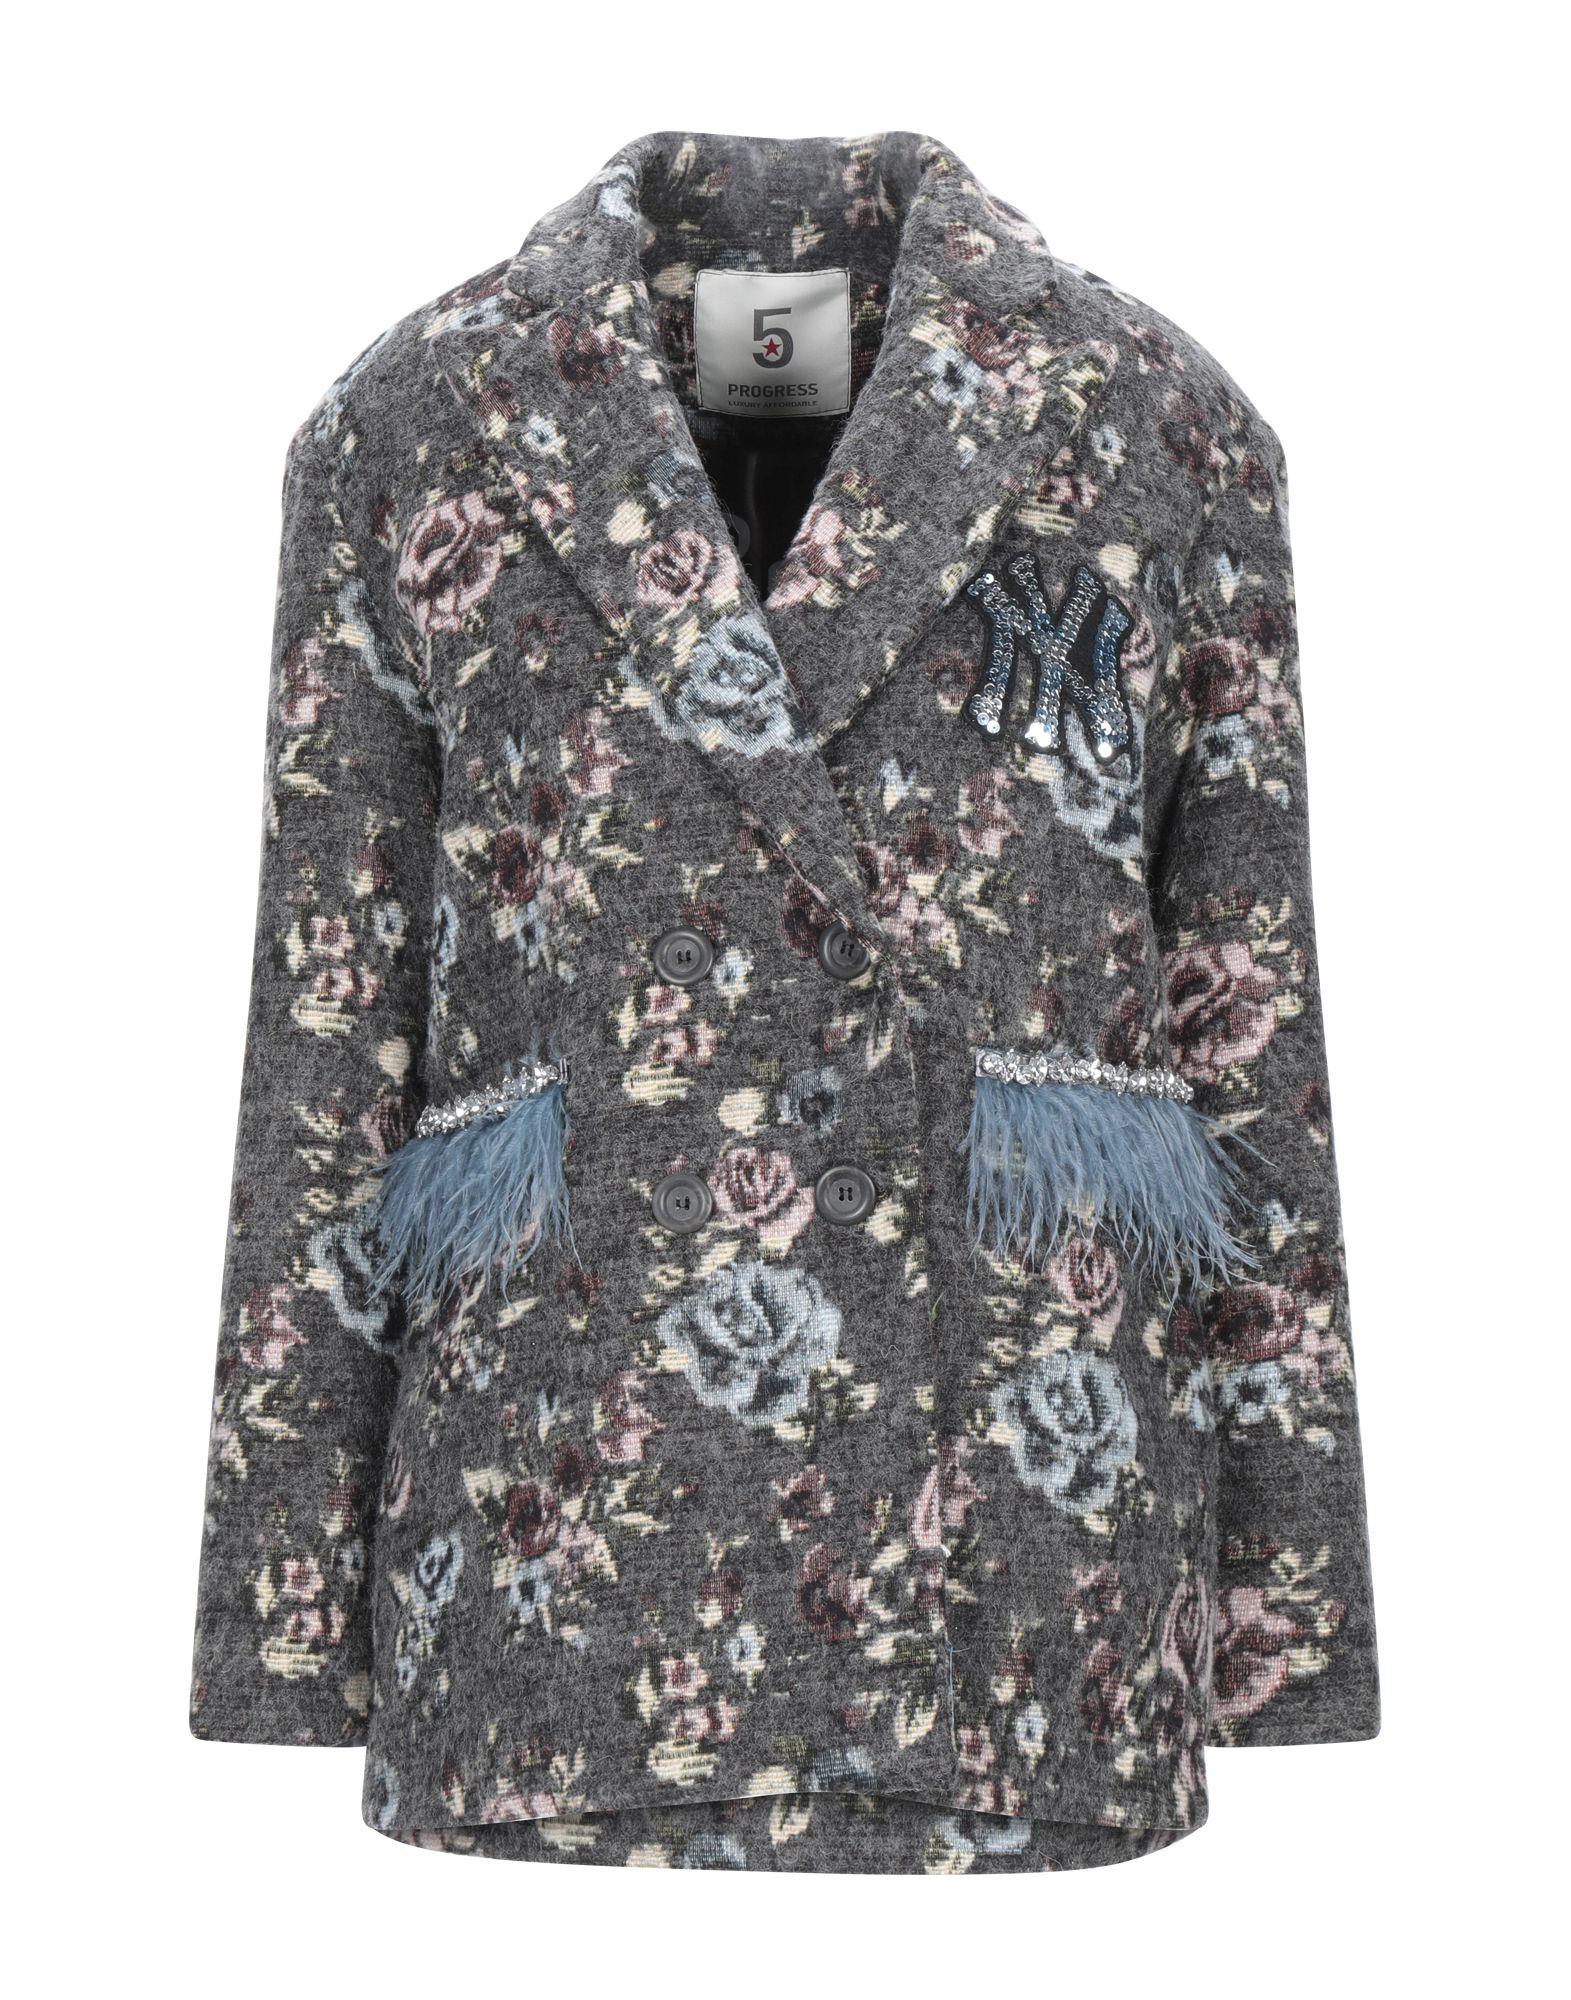 5 PROGRESS Пальто